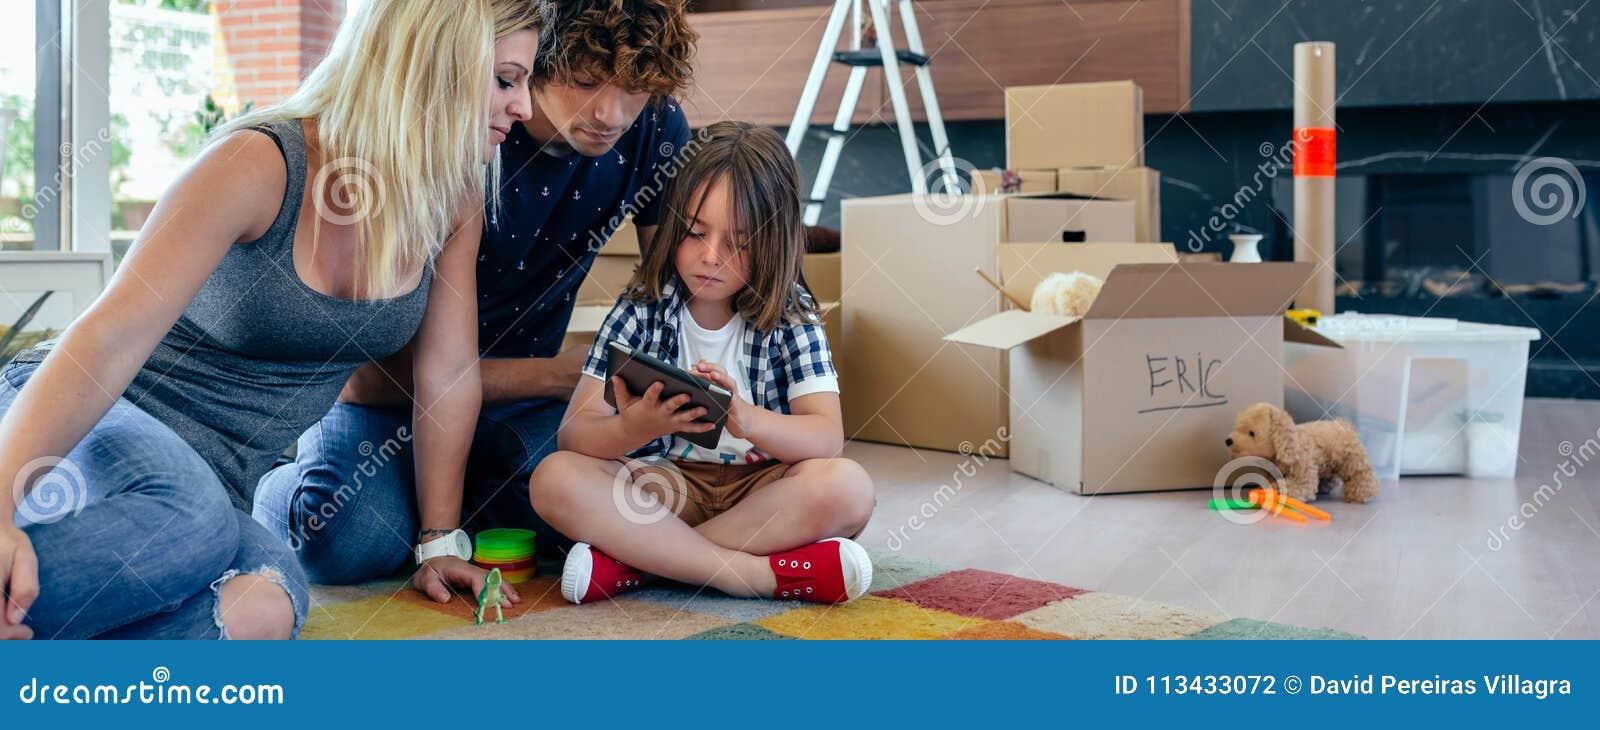 Föräldrar som övervakar deras lilla son spela minnestavlan